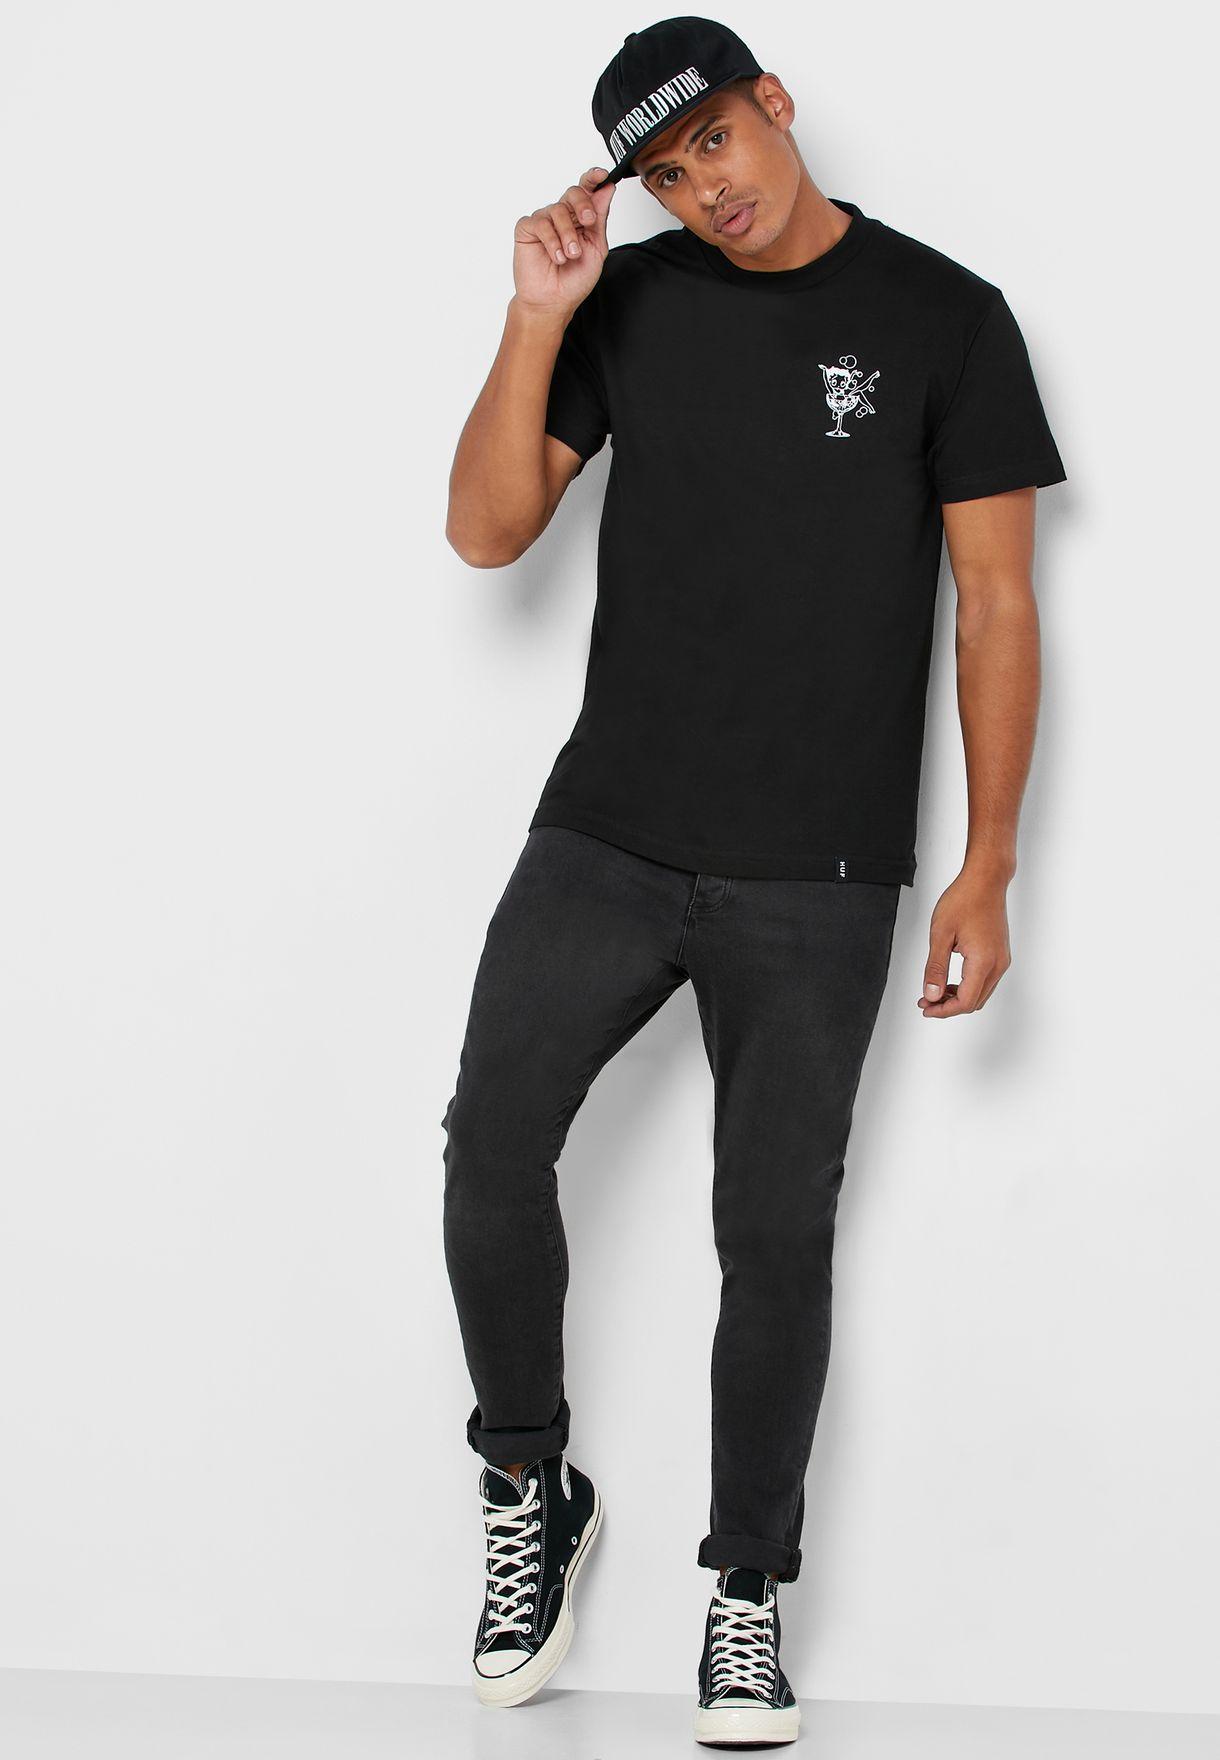 Betty Boop Martini T-Shirt